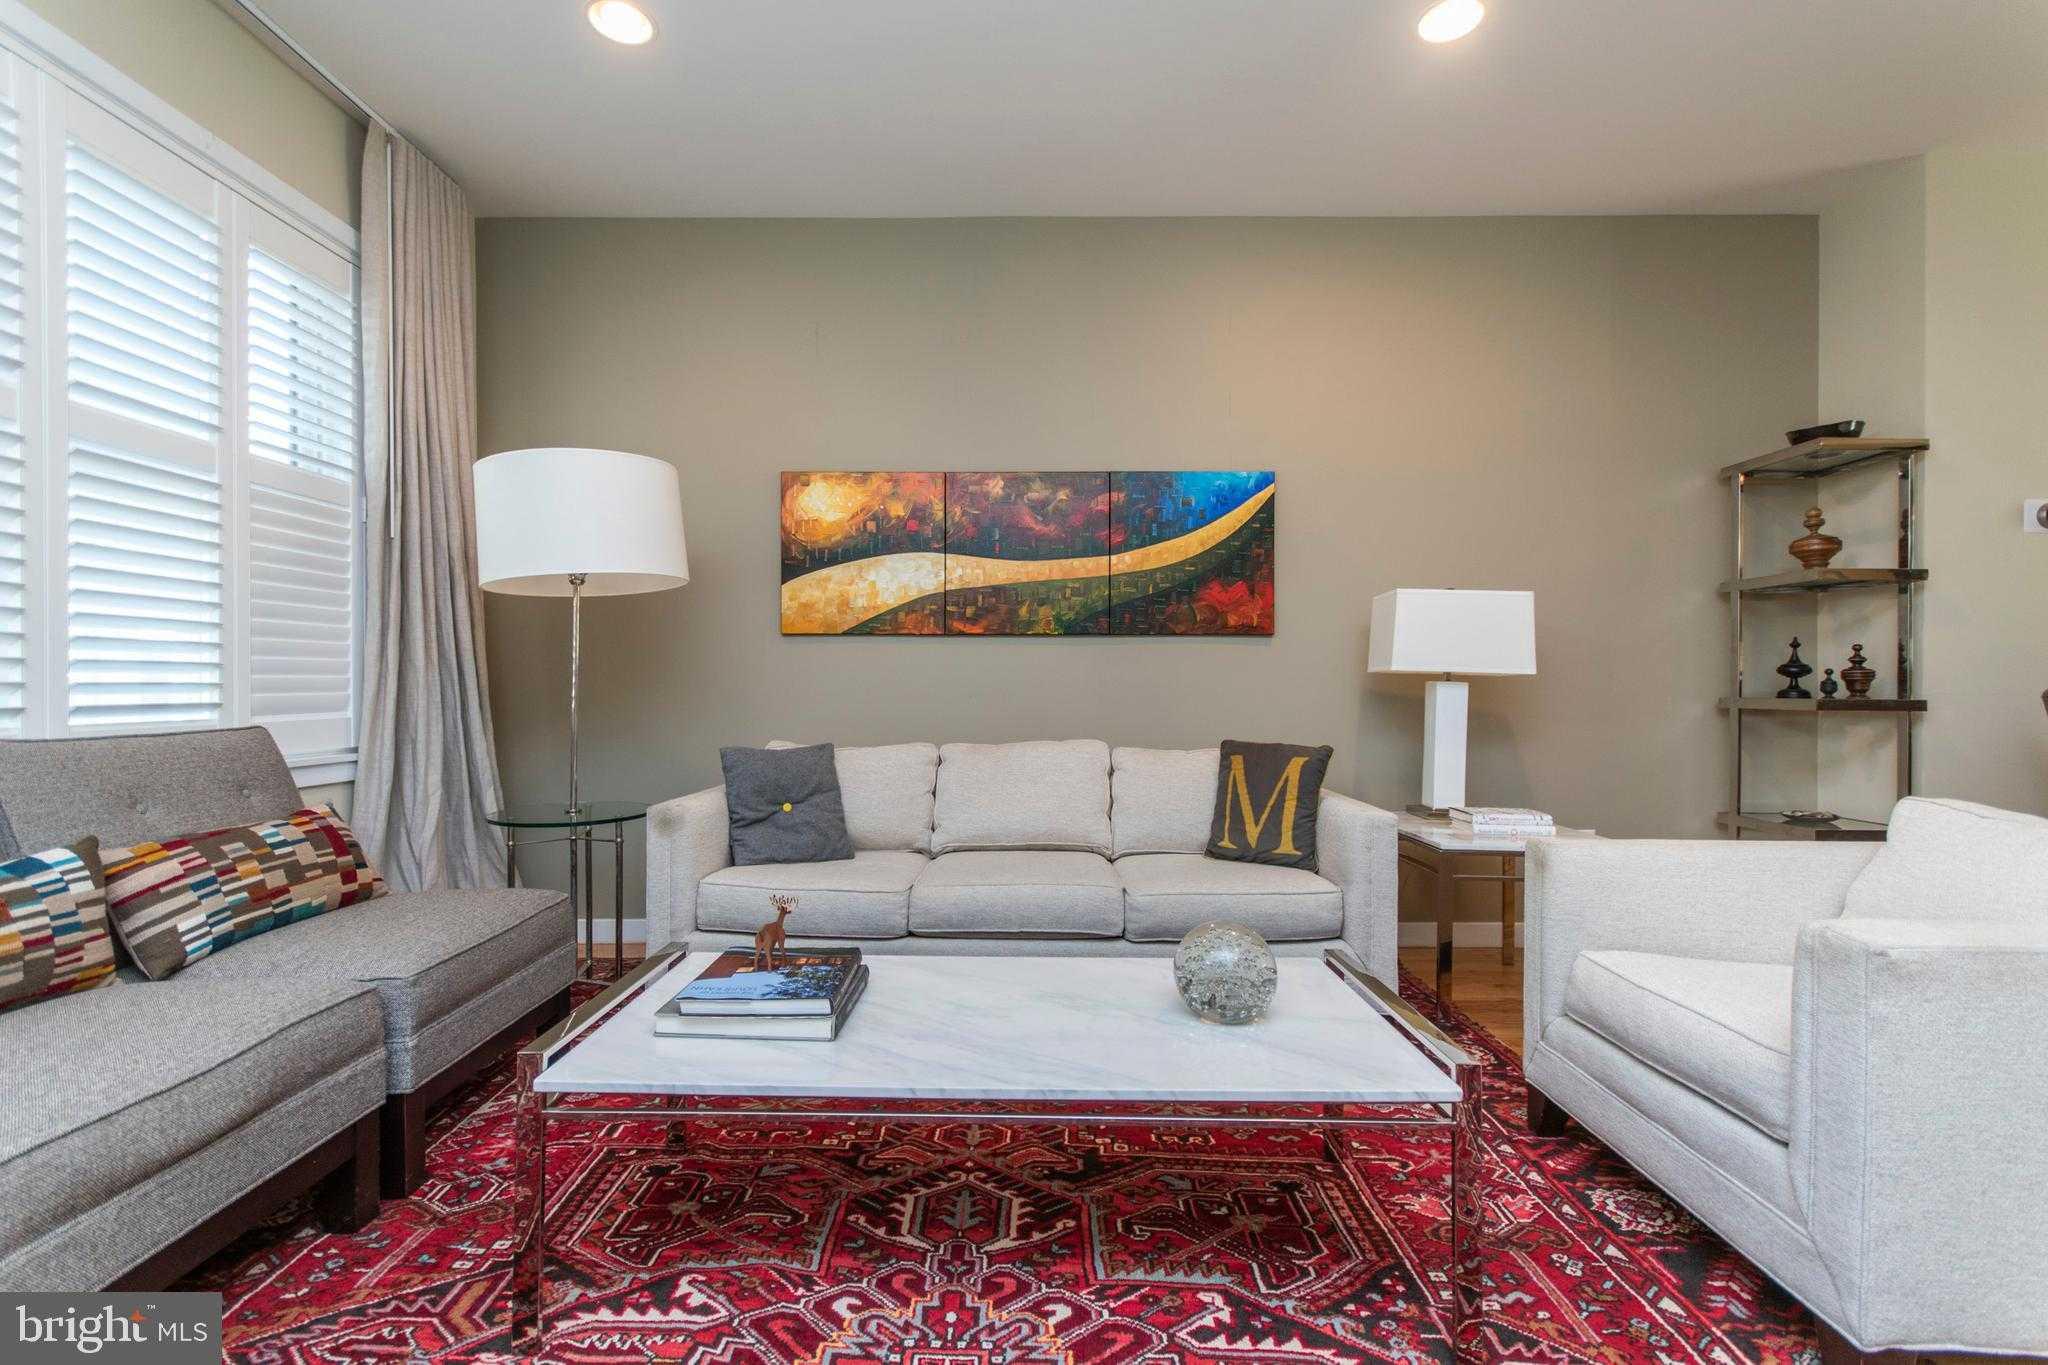 $479,900 - 4Br/3Ba -  for Sale in Point Breeze, Philadelphia